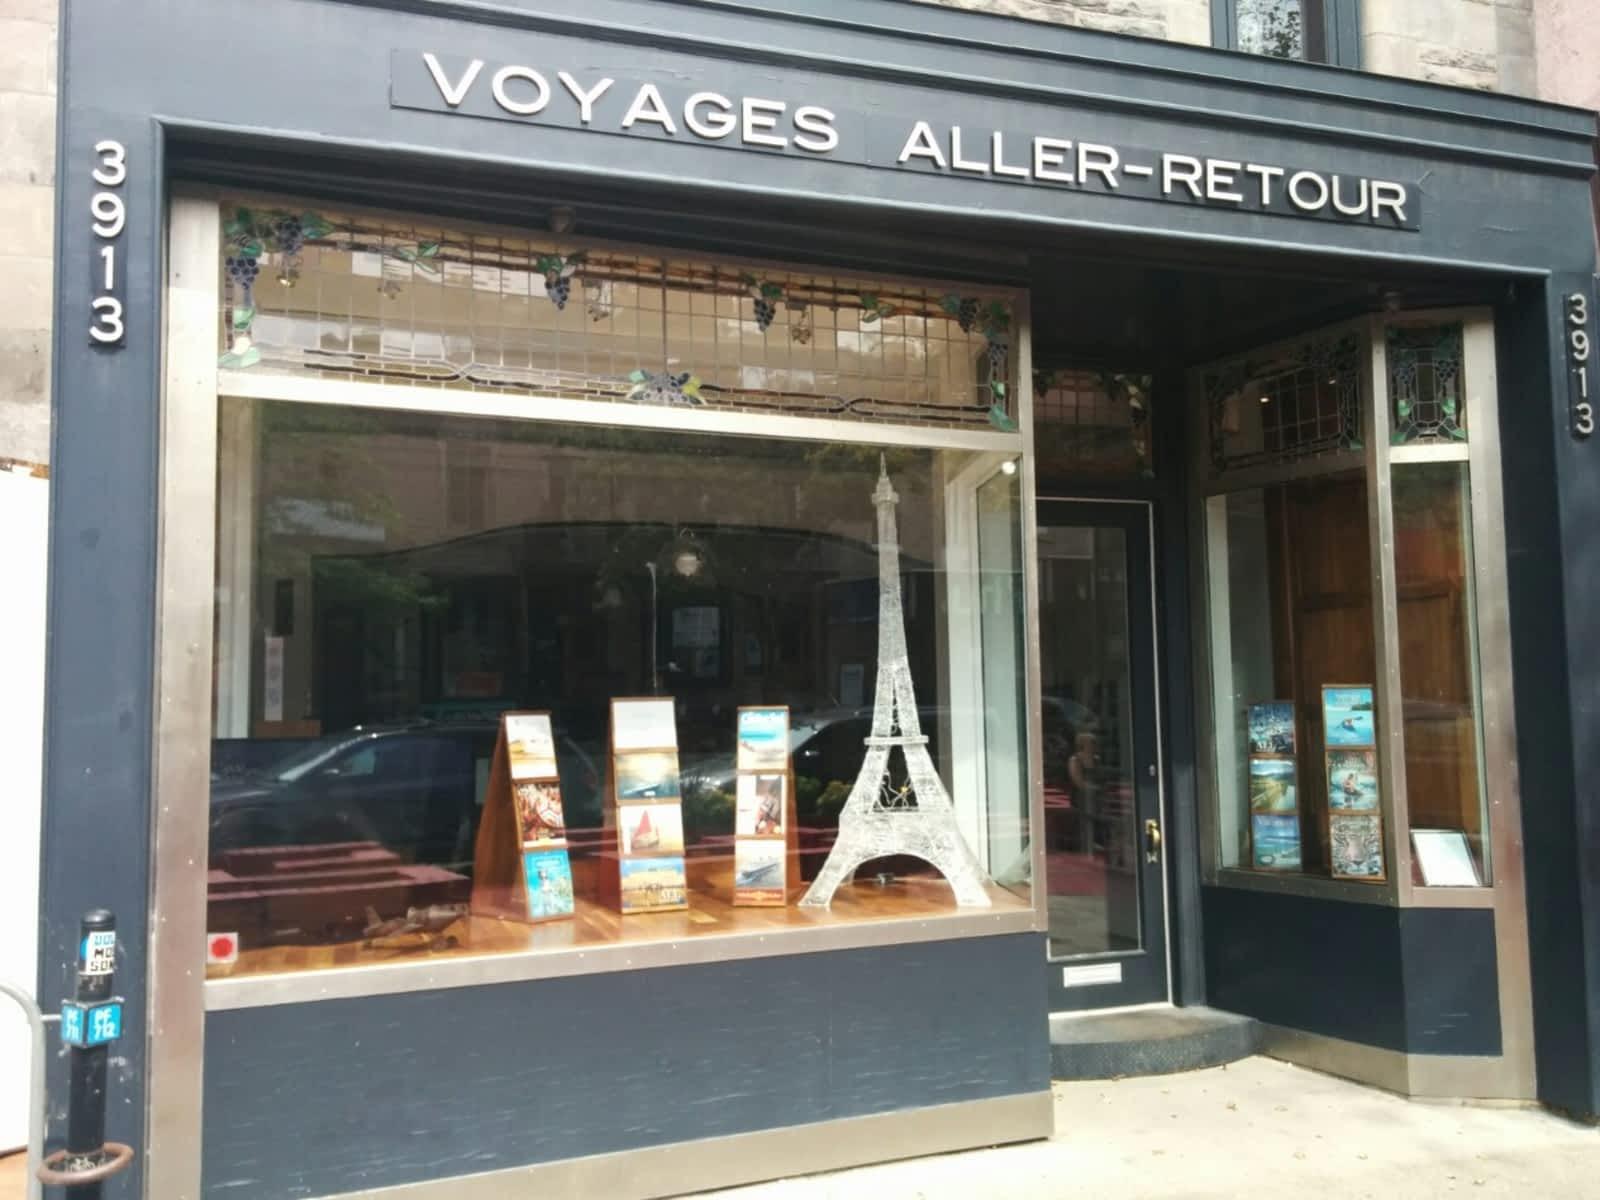 voyages aller retour opening hours 3913 rue saint denis montr al qc. Black Bedroom Furniture Sets. Home Design Ideas